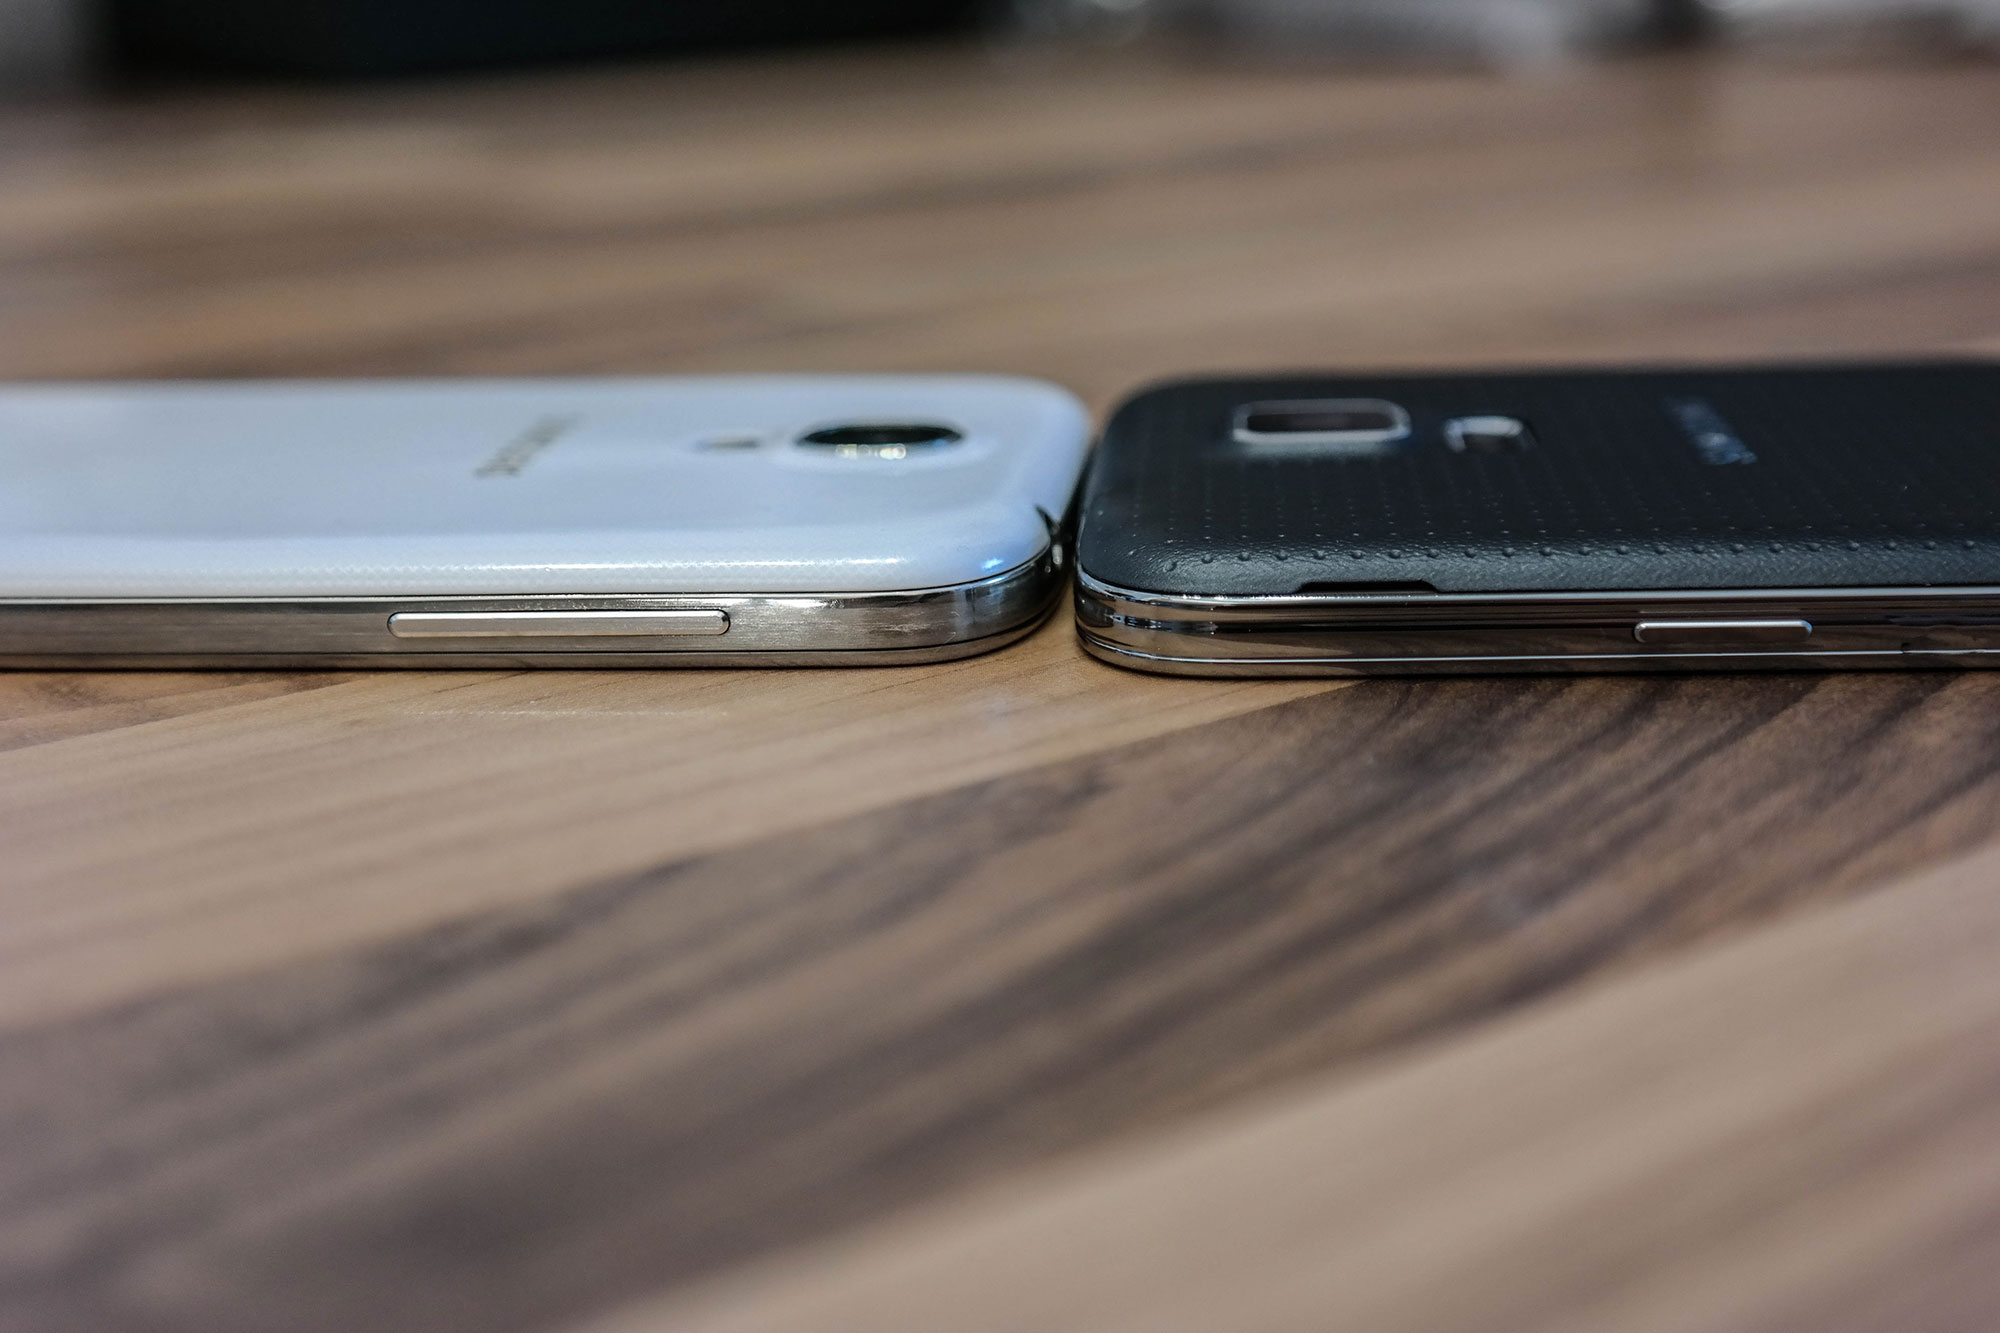 Samsung Galaxy S5 Vs Galaxy S4 Should You Upgrade